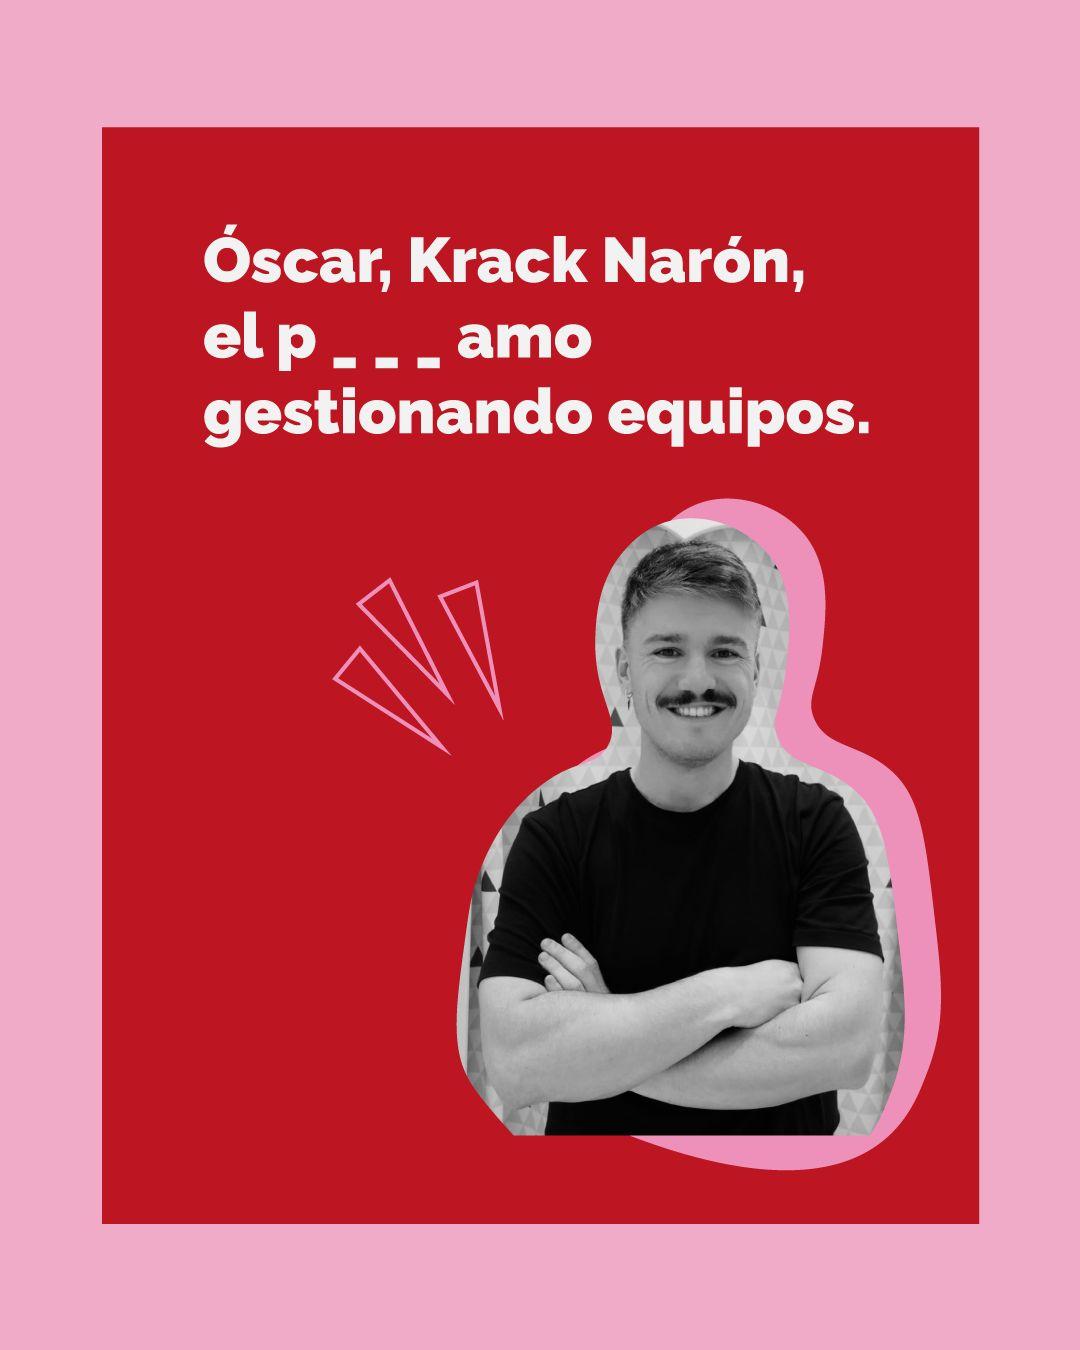 krack-empleado-naron